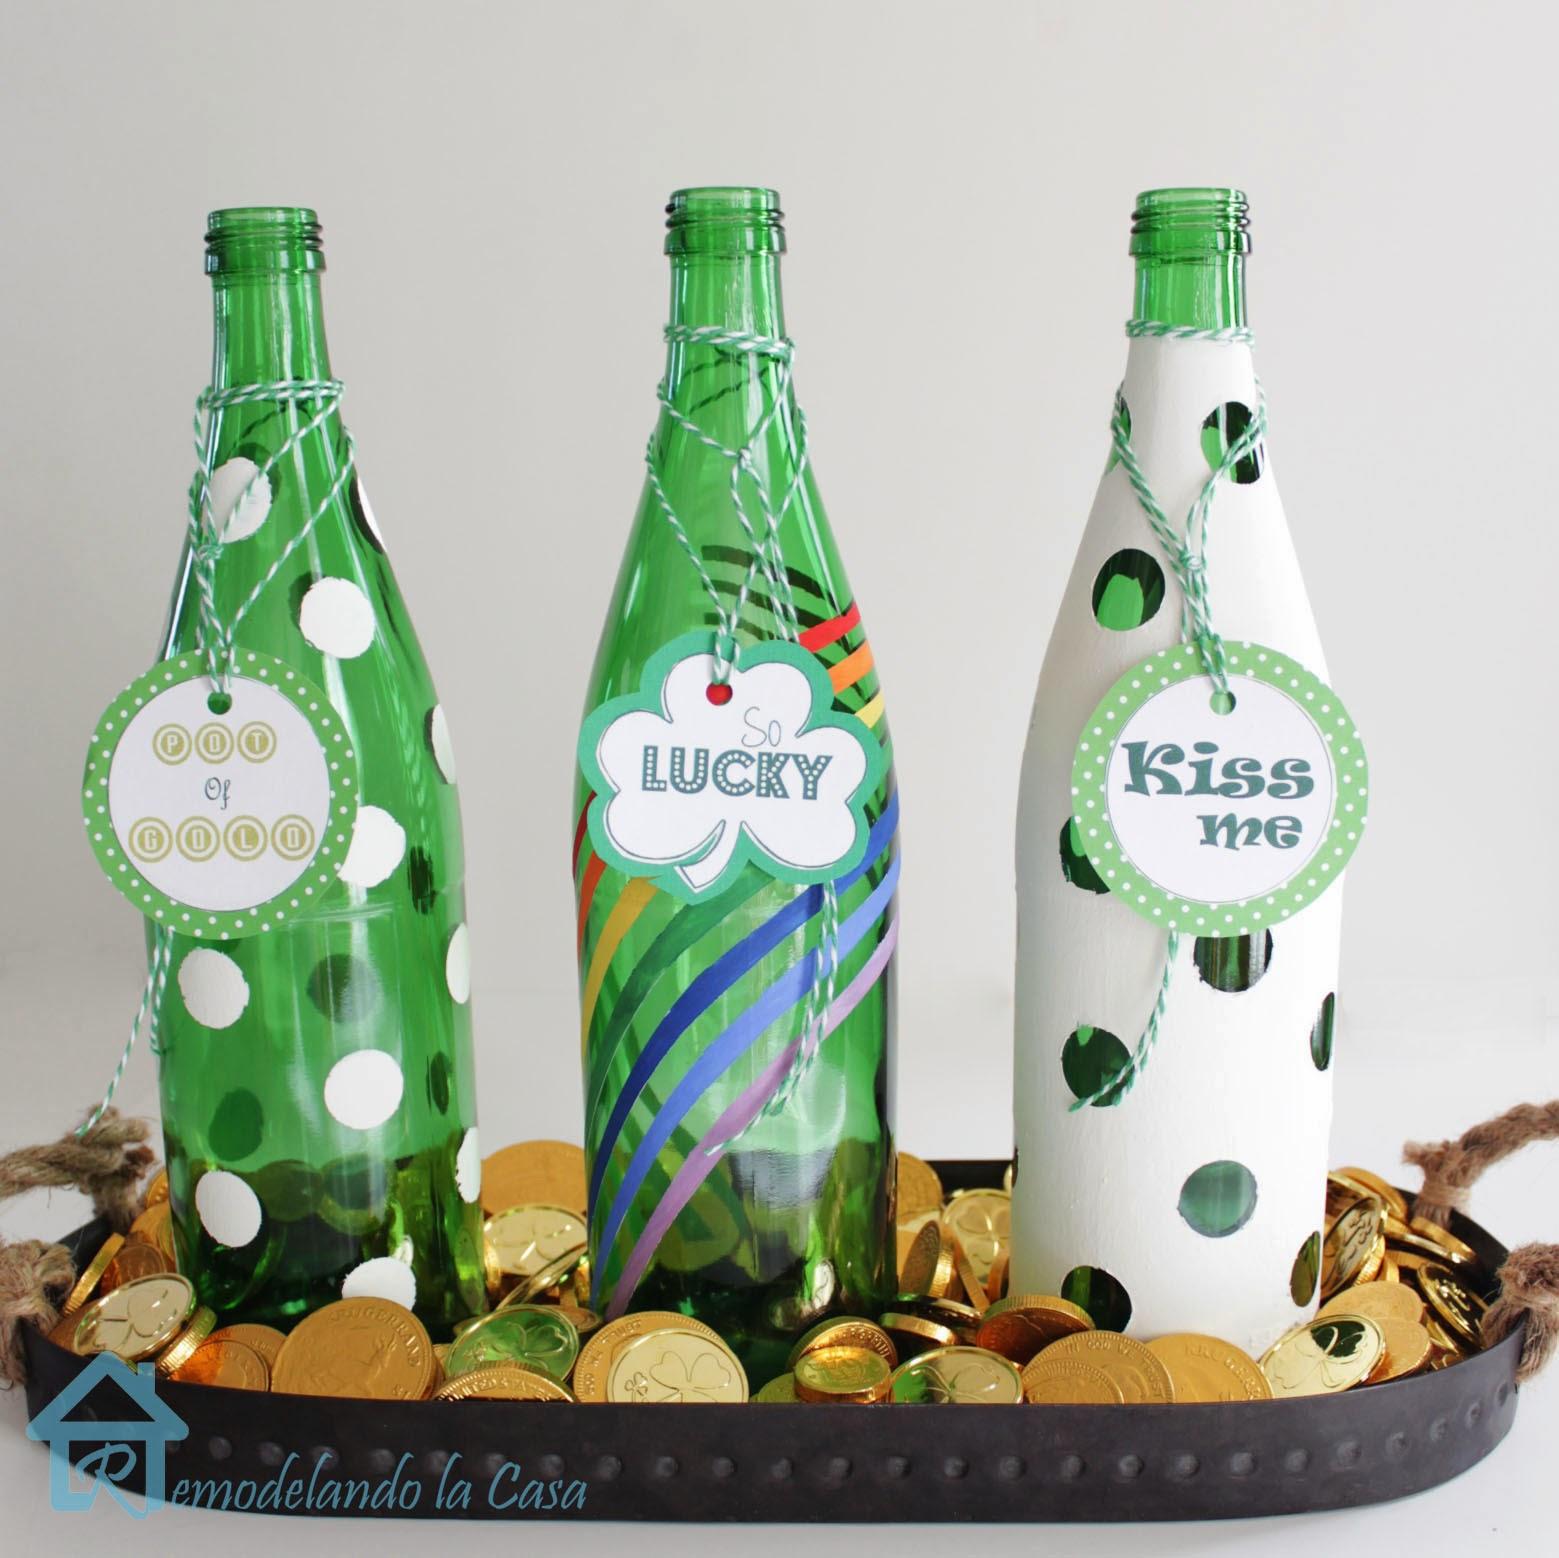 St patrick 39 s day bottle centerpiece remodelando la casa for Plastic bottle decoration ideas